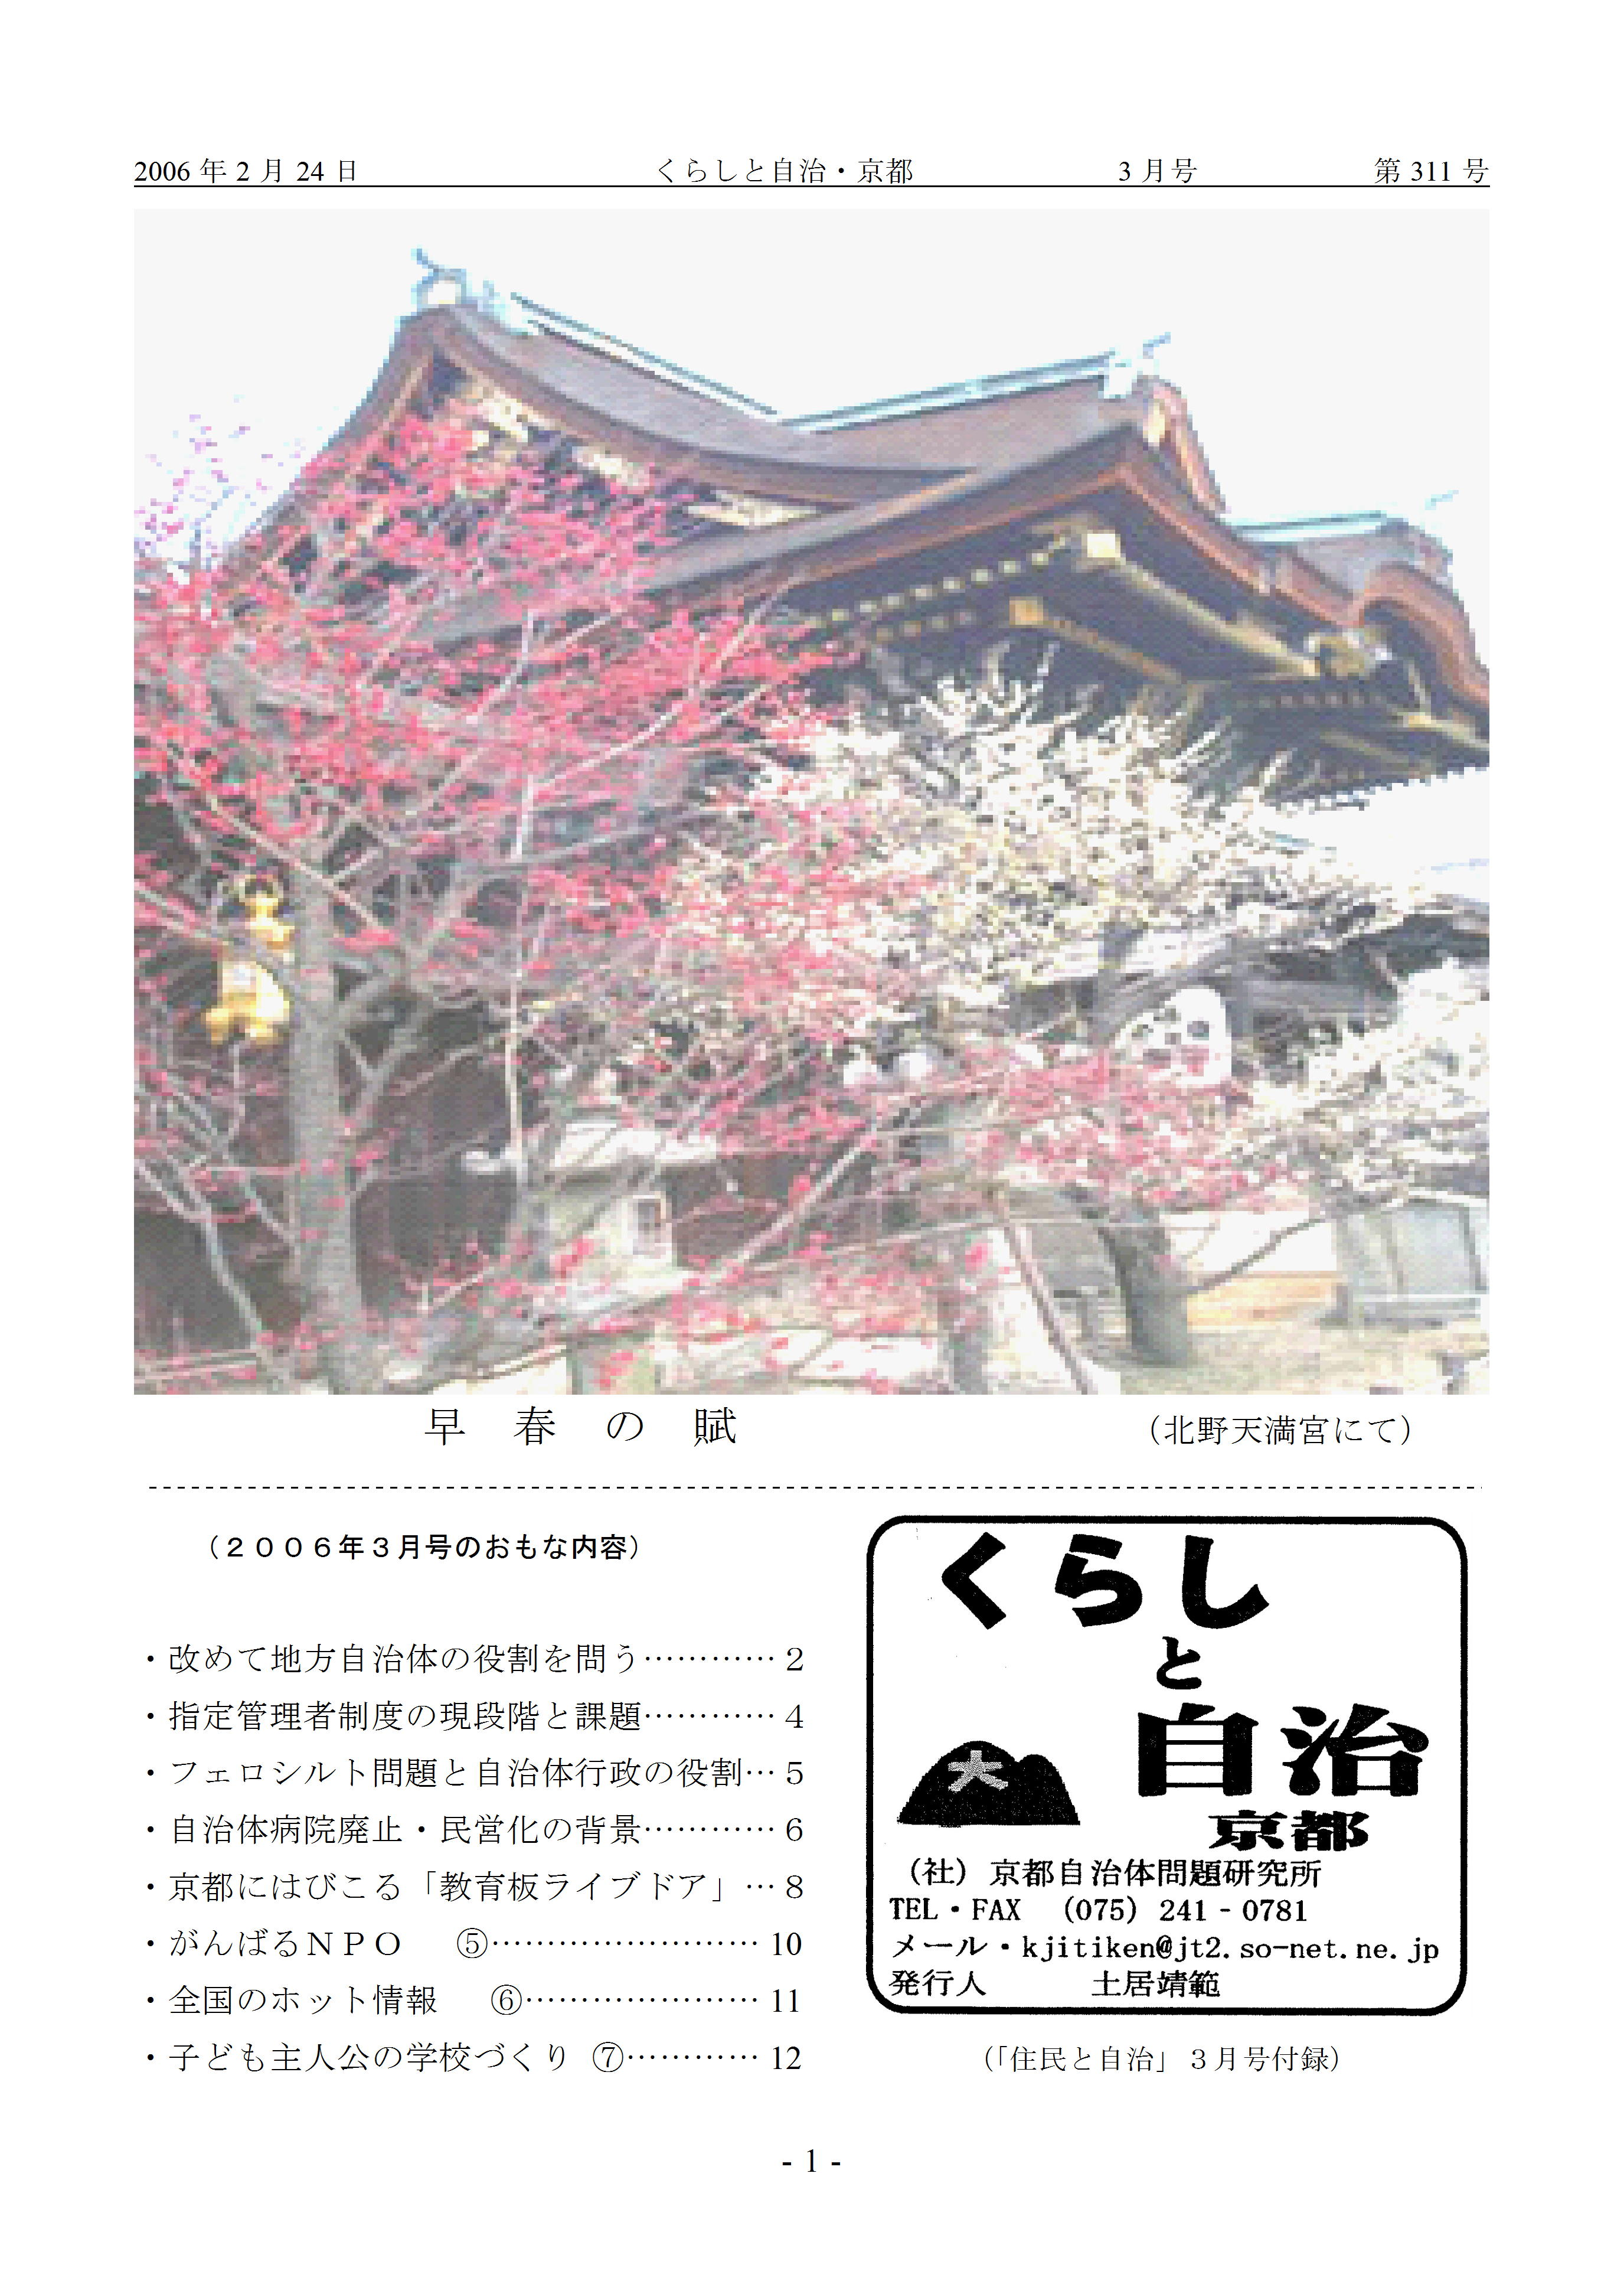 月報「くらしと自治・京都」2006年03月号 第311号